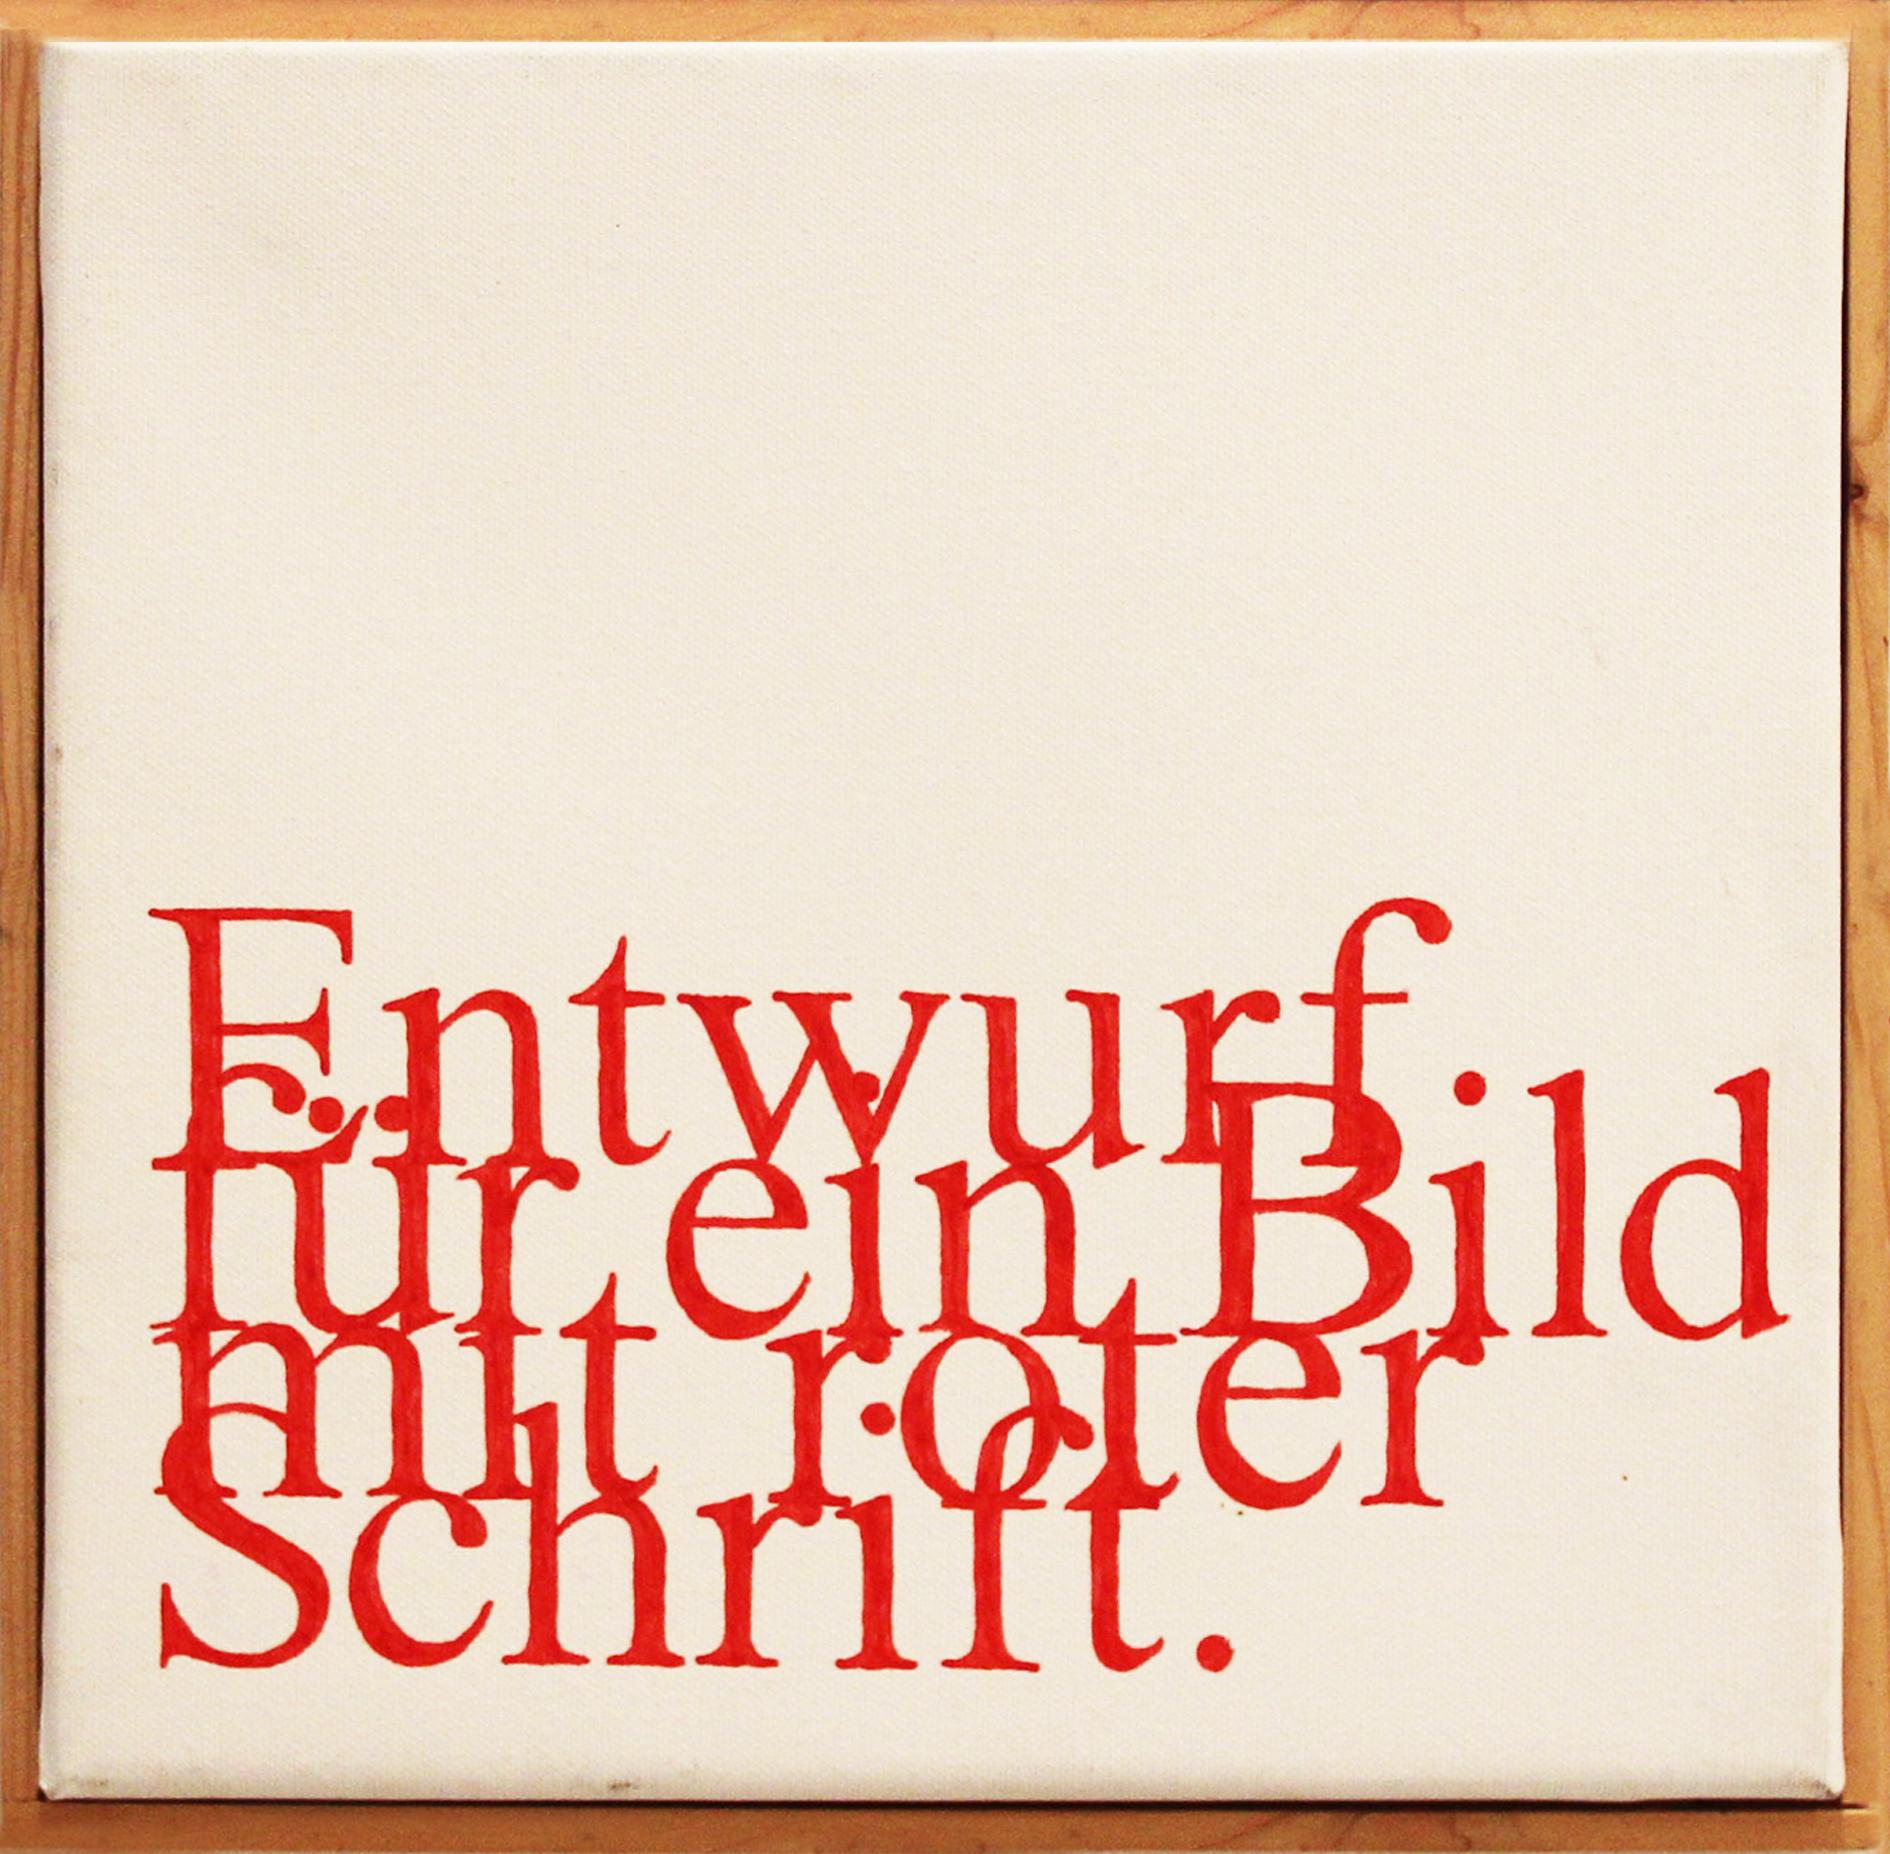 Entwurf für Bild mit roter Schrift